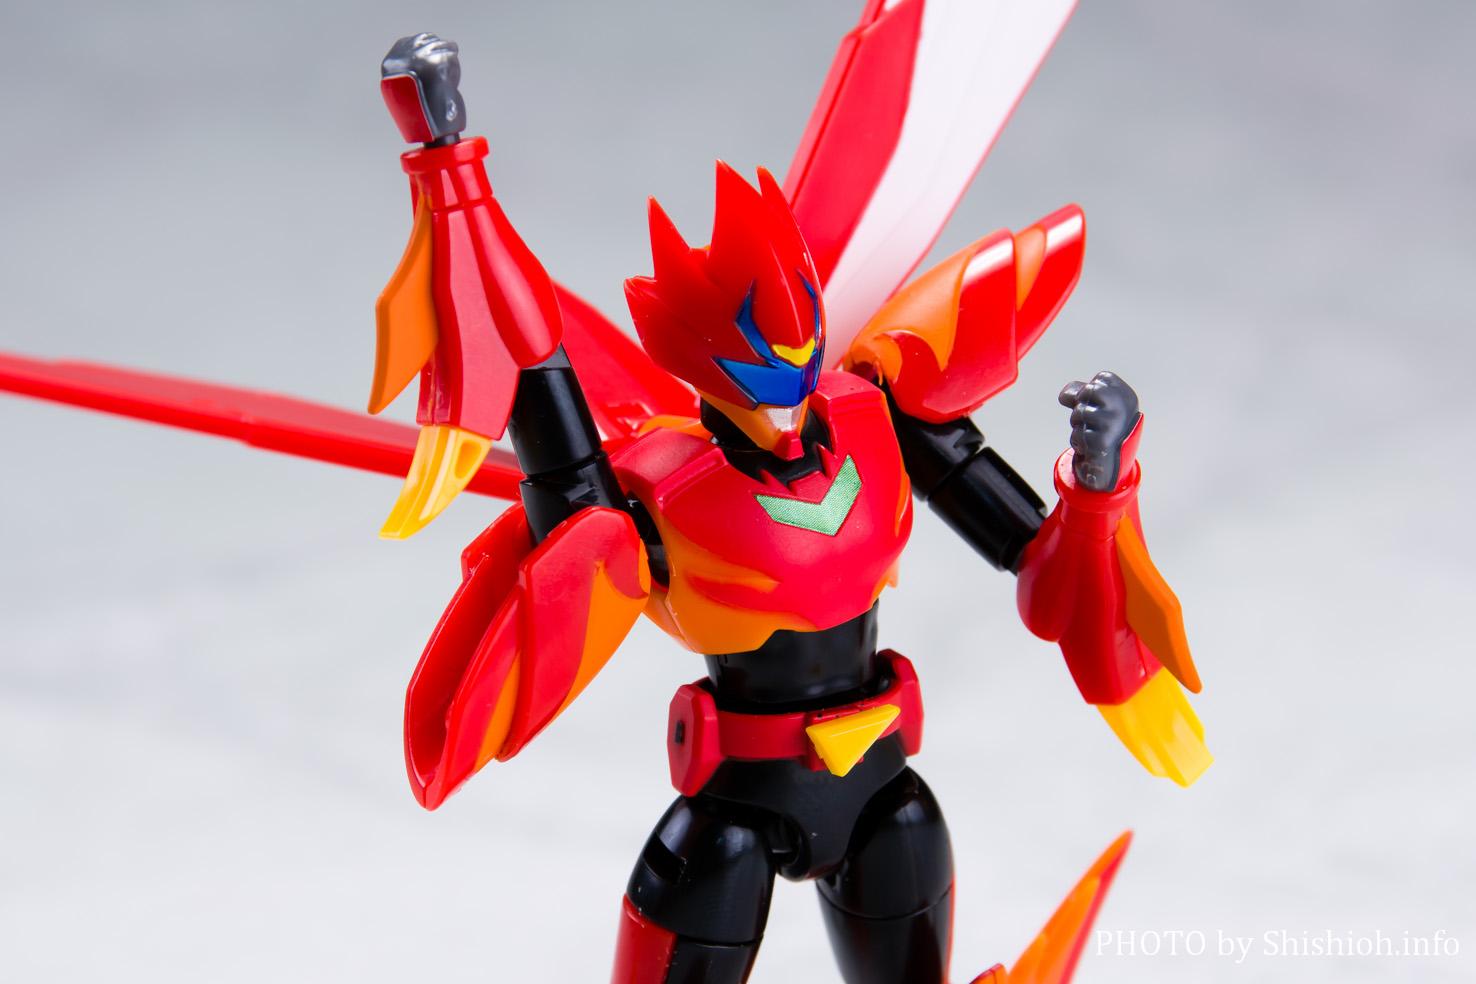 スーパーミニプラ 勇者指令ダグオン2 (ファイヤーエン/スーパーファイヤーダグオン)